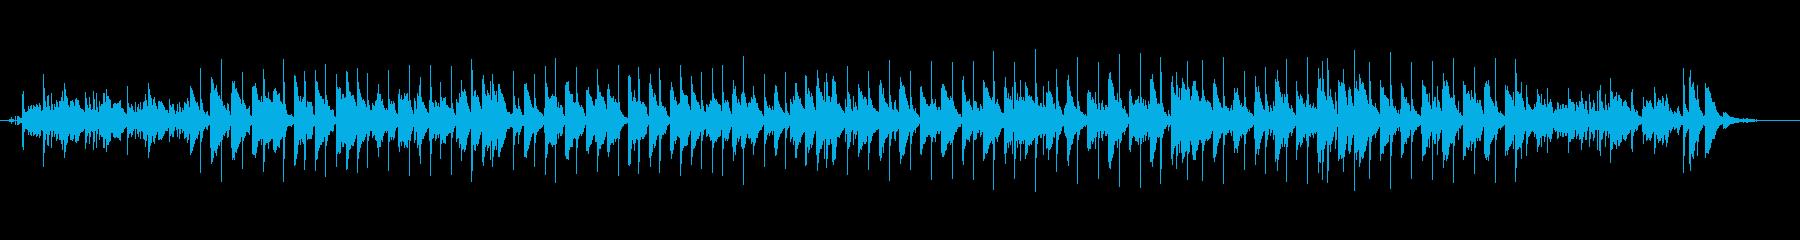 ピアノ・バラード(おやすみなさい…)の再生済みの波形